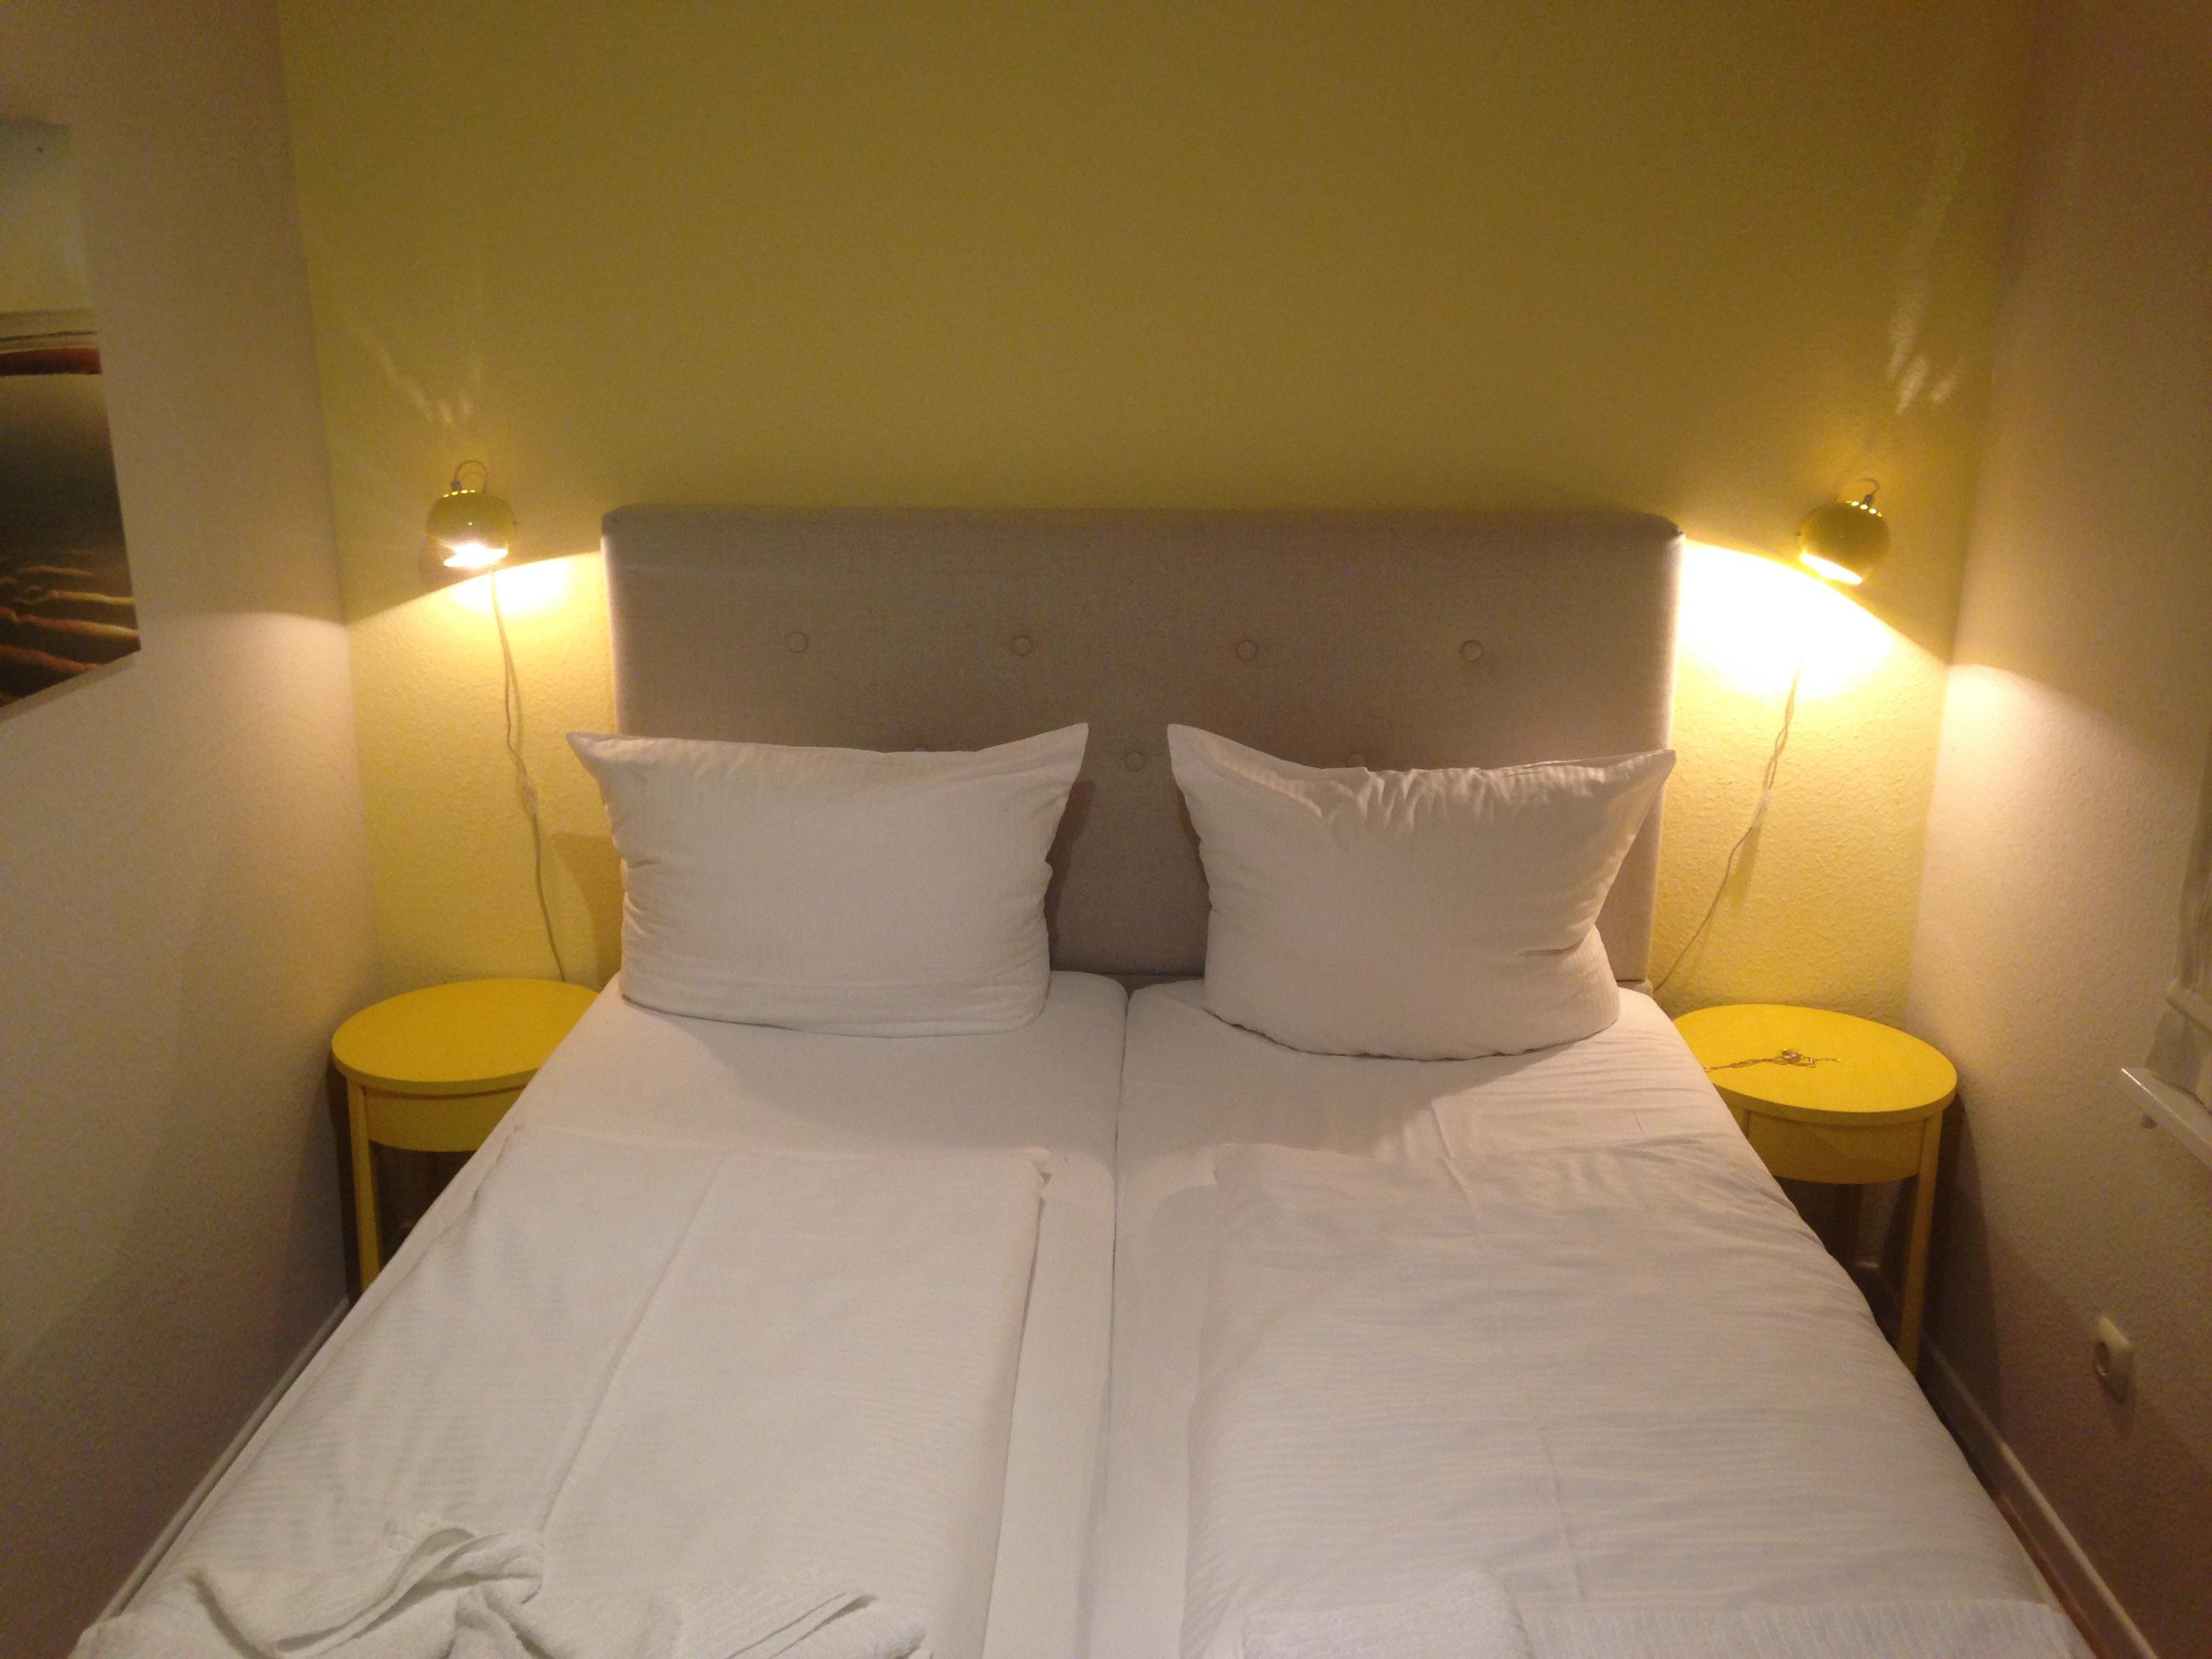 Schlafzimmer In Den Farben Gelb Und Grau #bett ©Andrea_Fischer